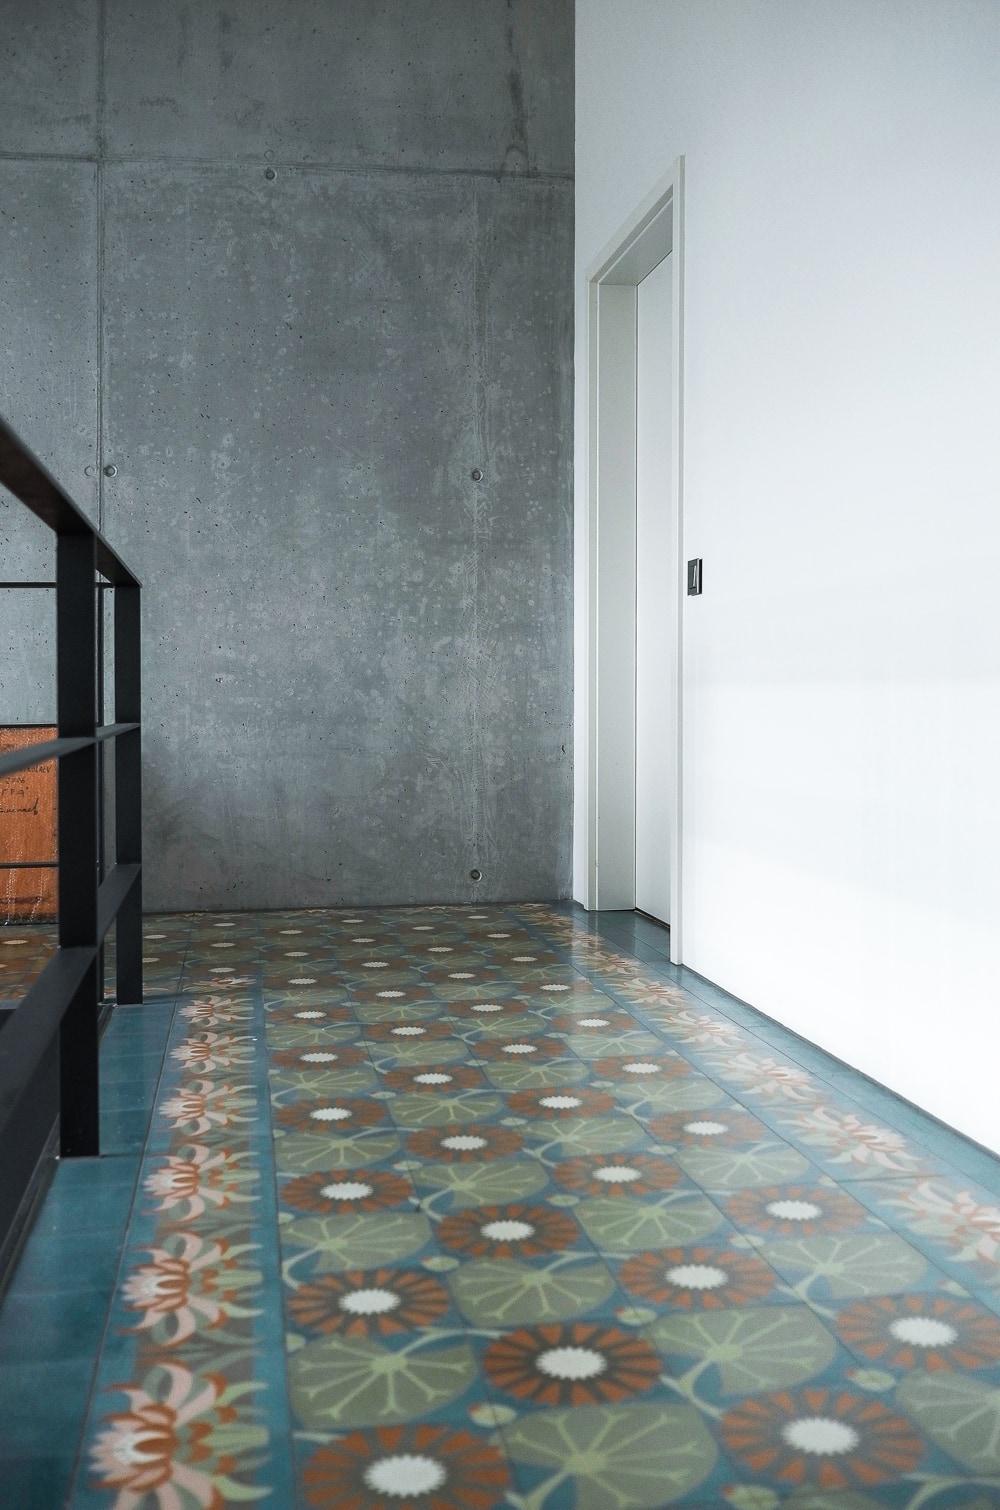 zementfliesen-via_zementplatten_51033-54_treppenhaus | 53033-54